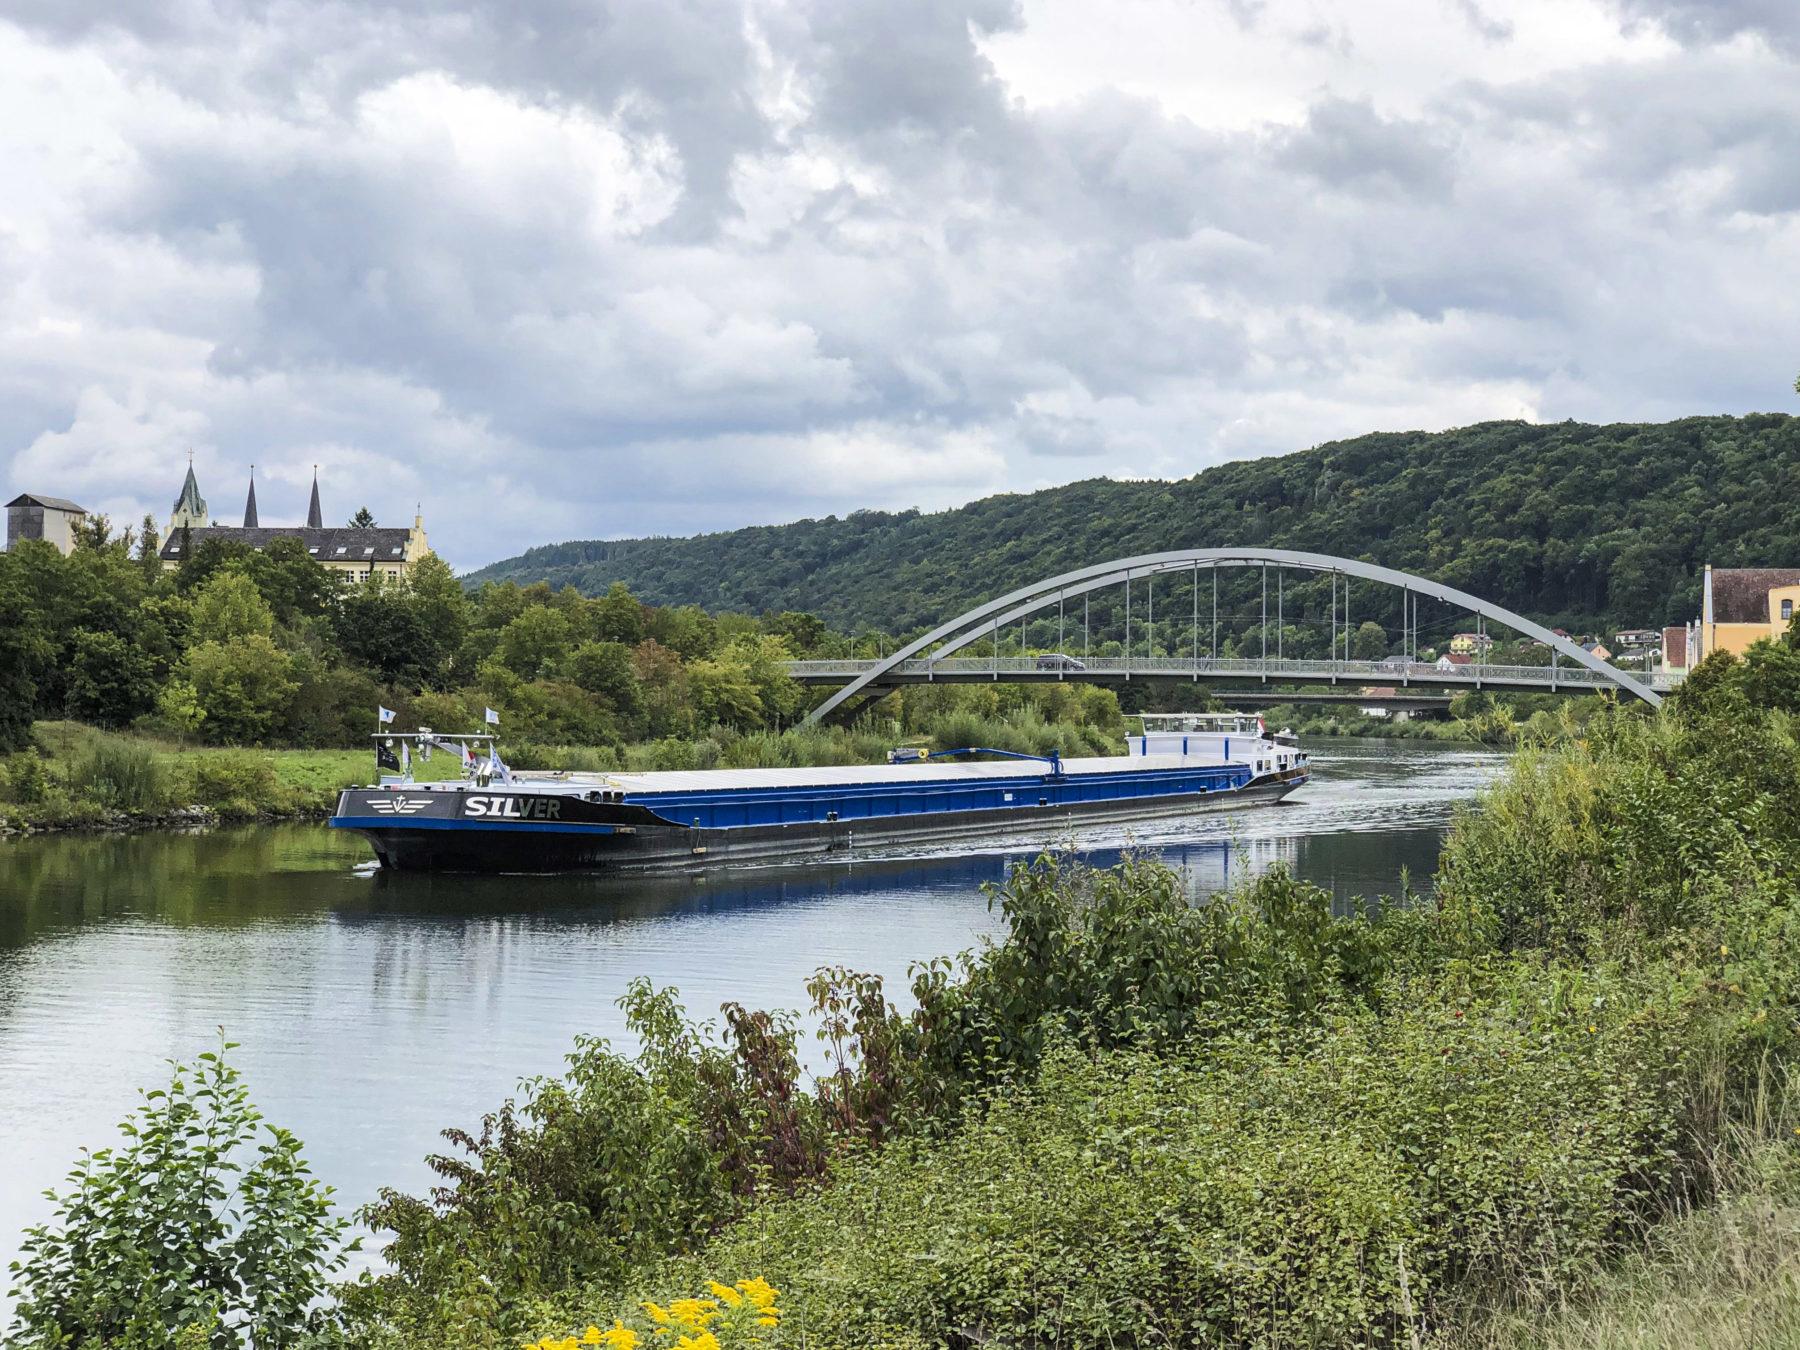 Binnenschiff auf dem Main-Donau-Kanal bei Riedenburg